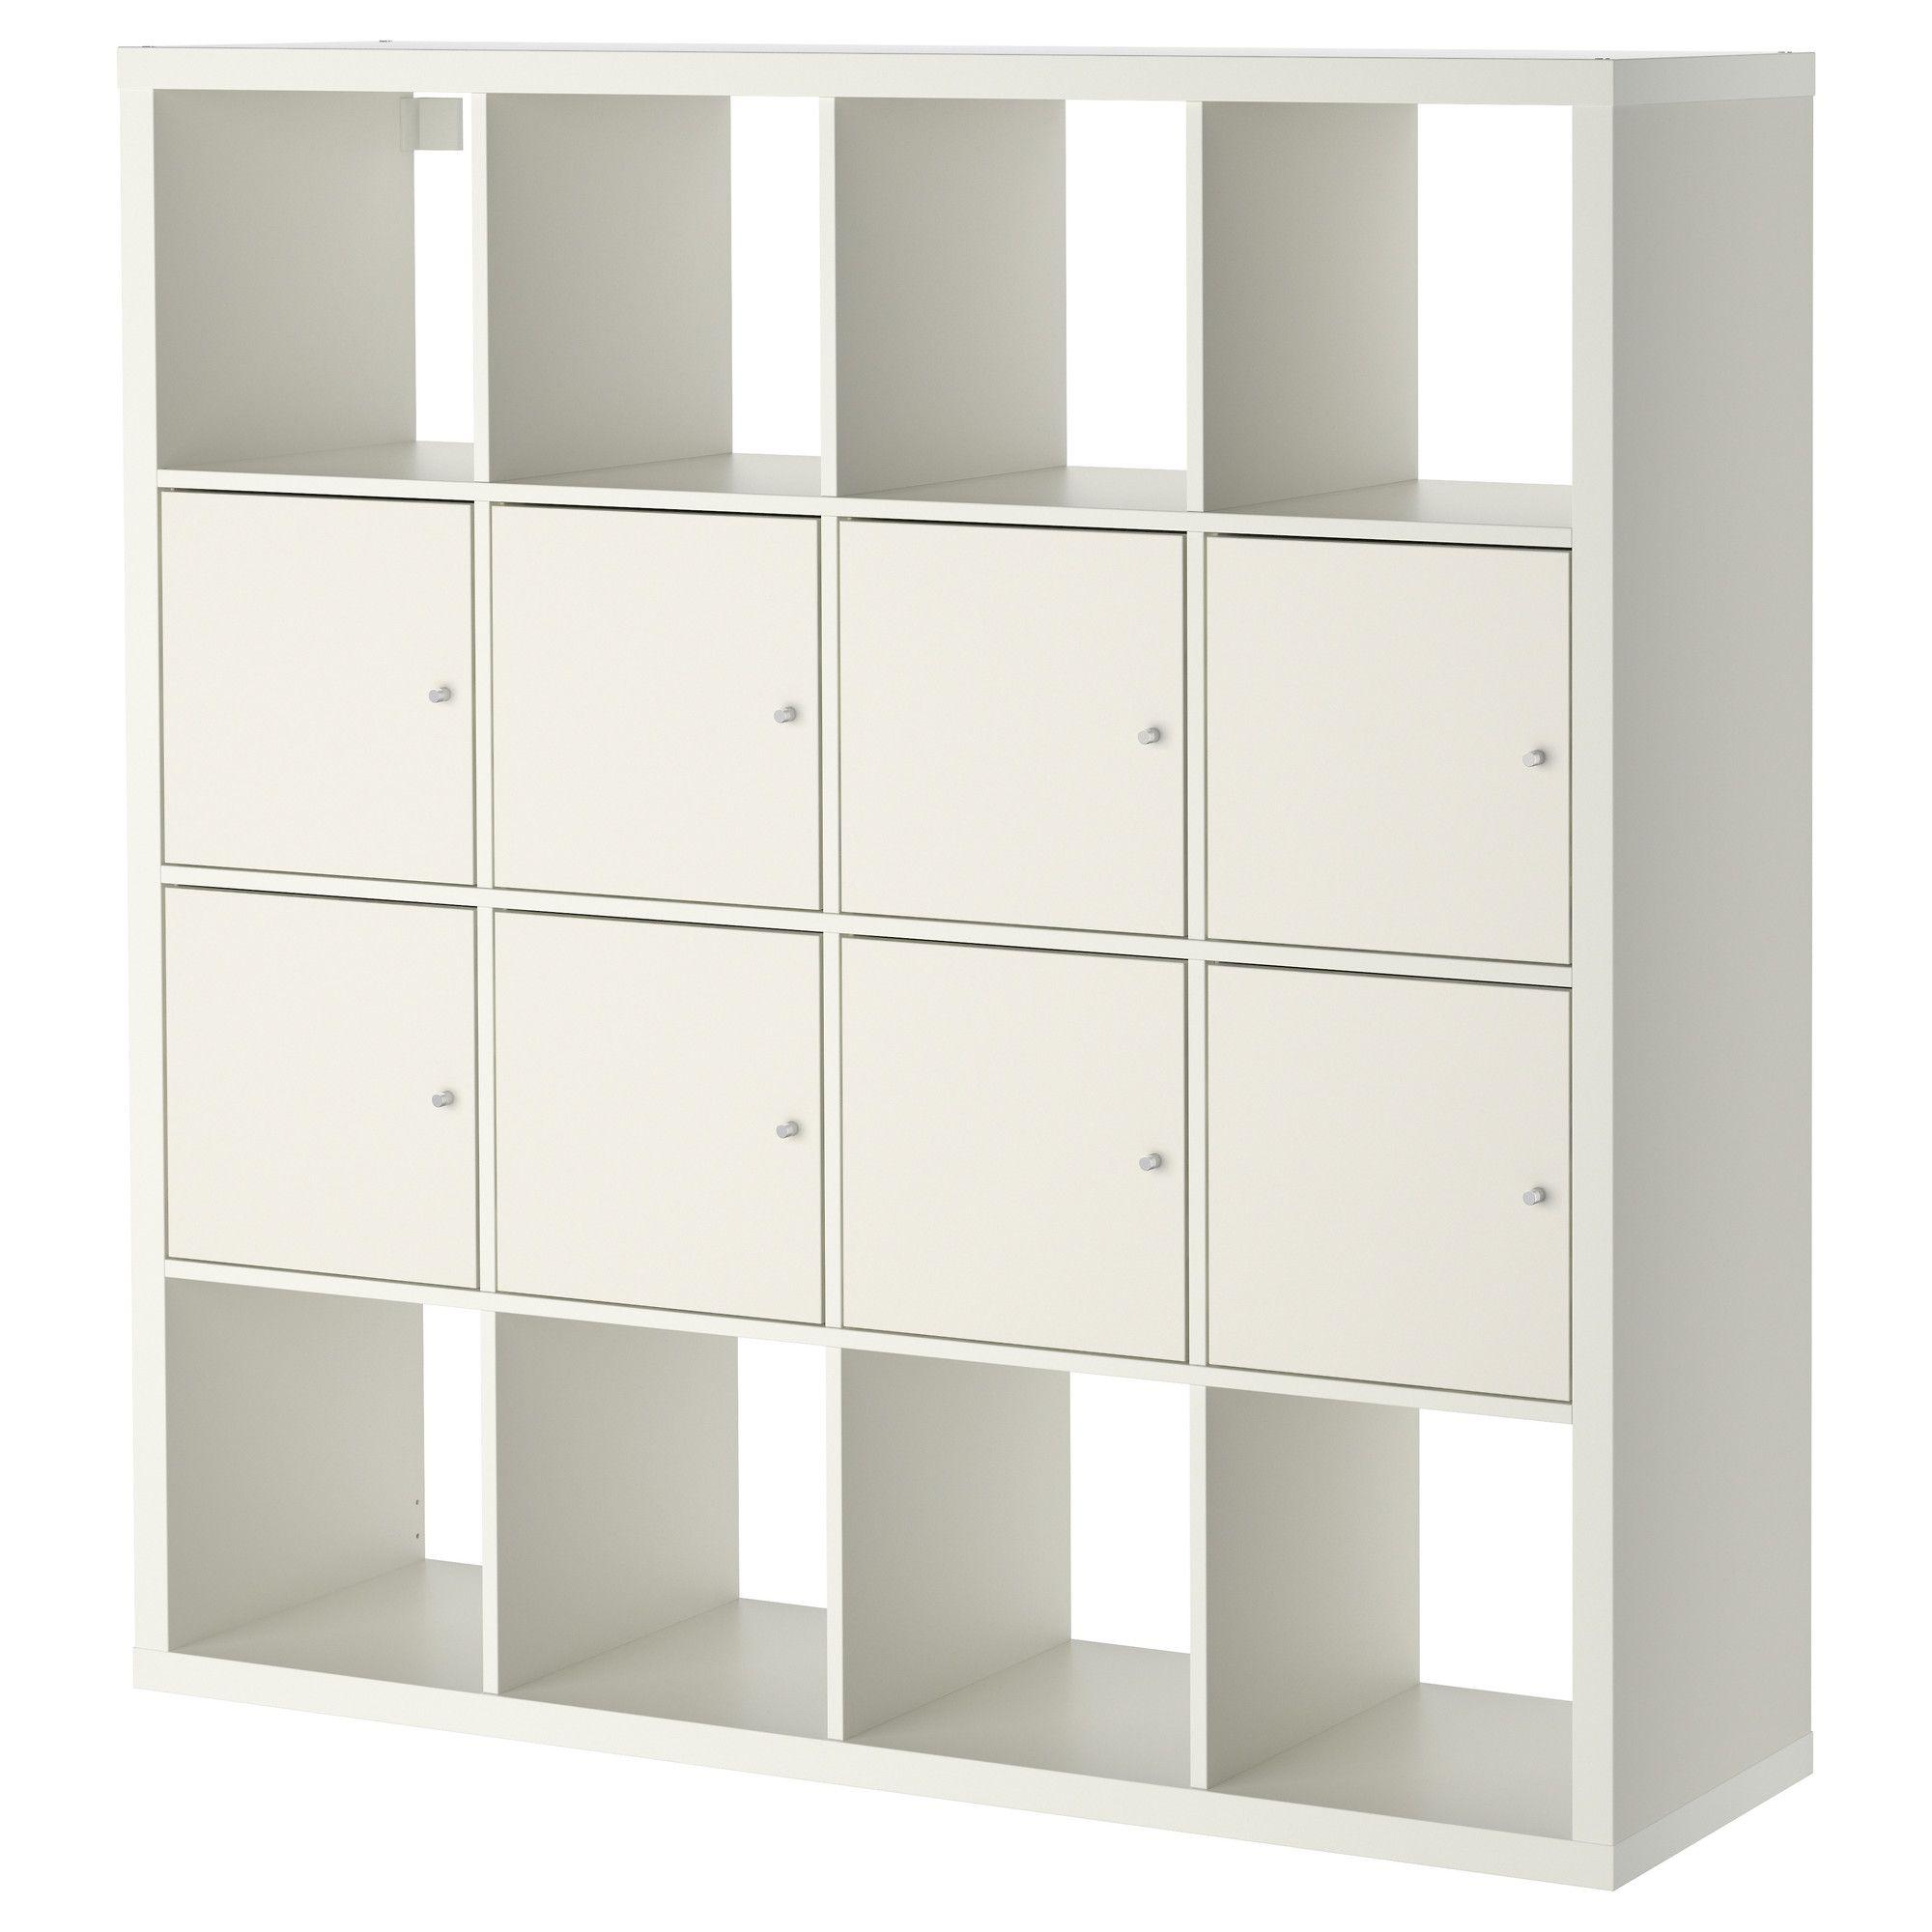 ikea kallax regal mit 8 einstzen wei - Wohnzimmer Regal Ikea